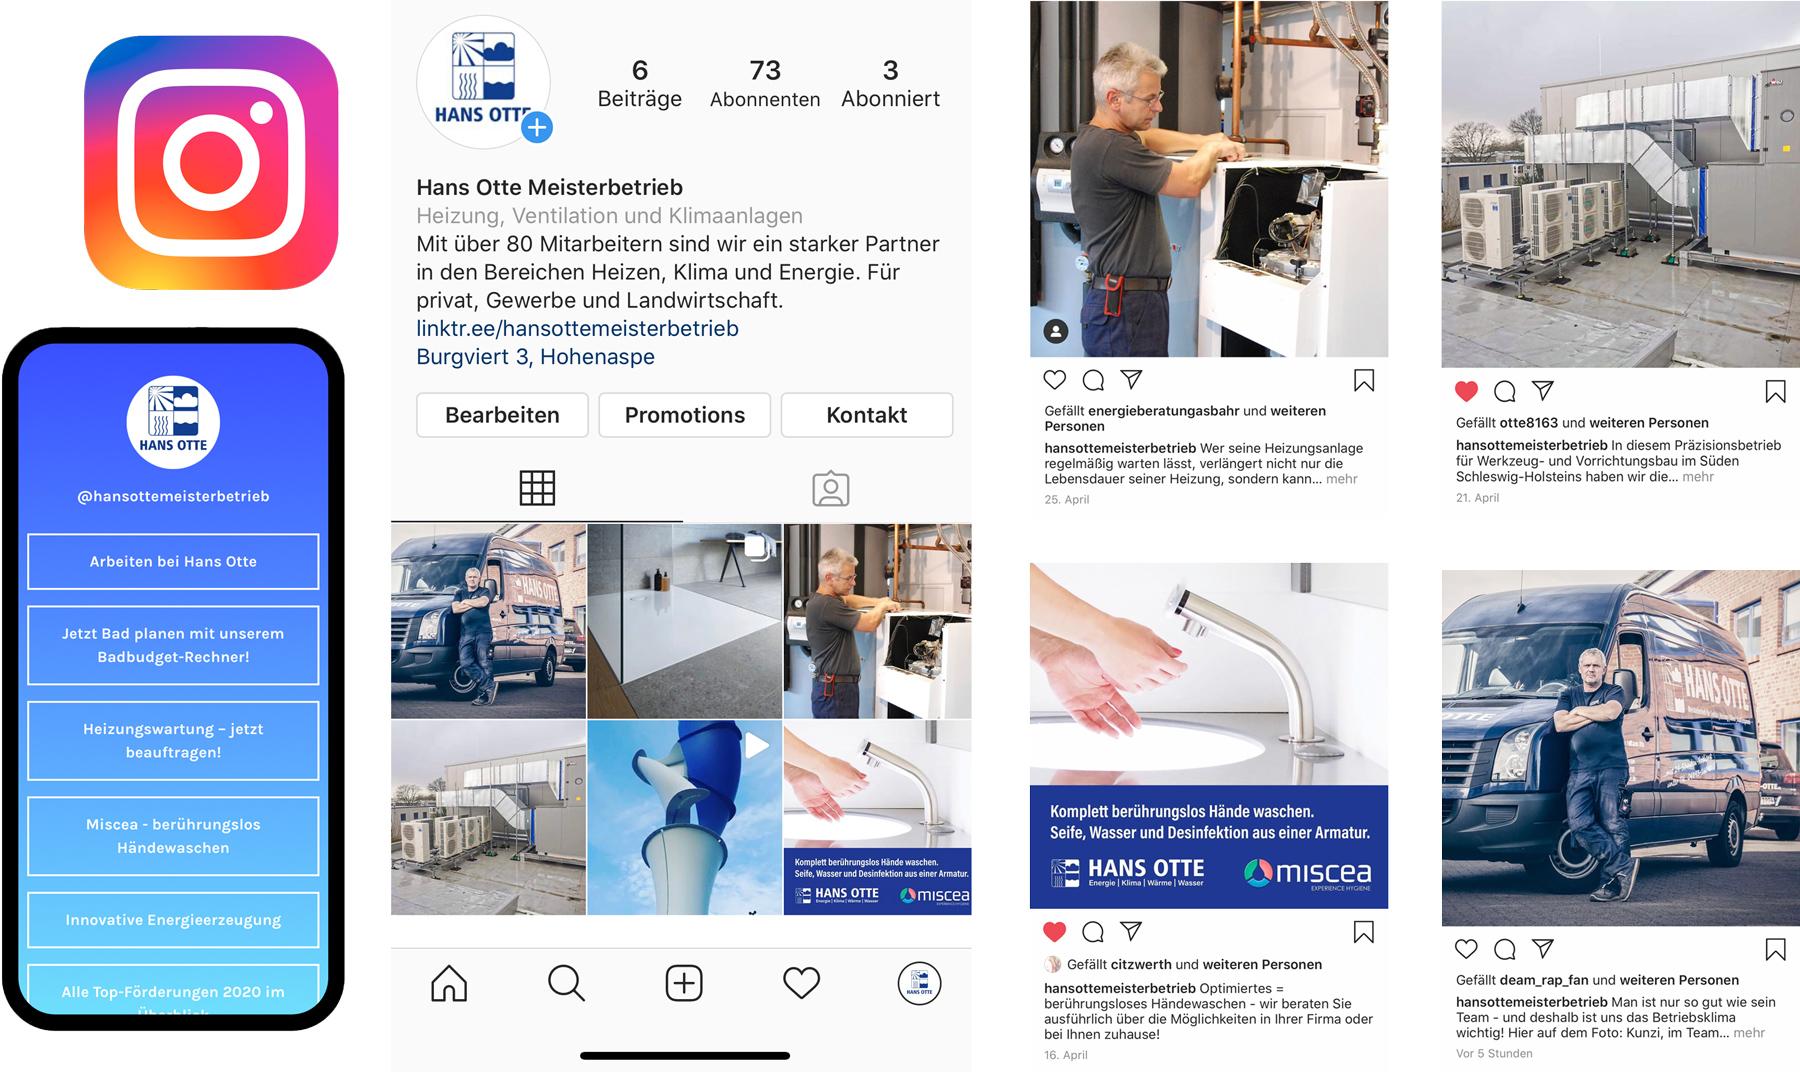 Hans Otte Meisterbetrieb bei Instagram